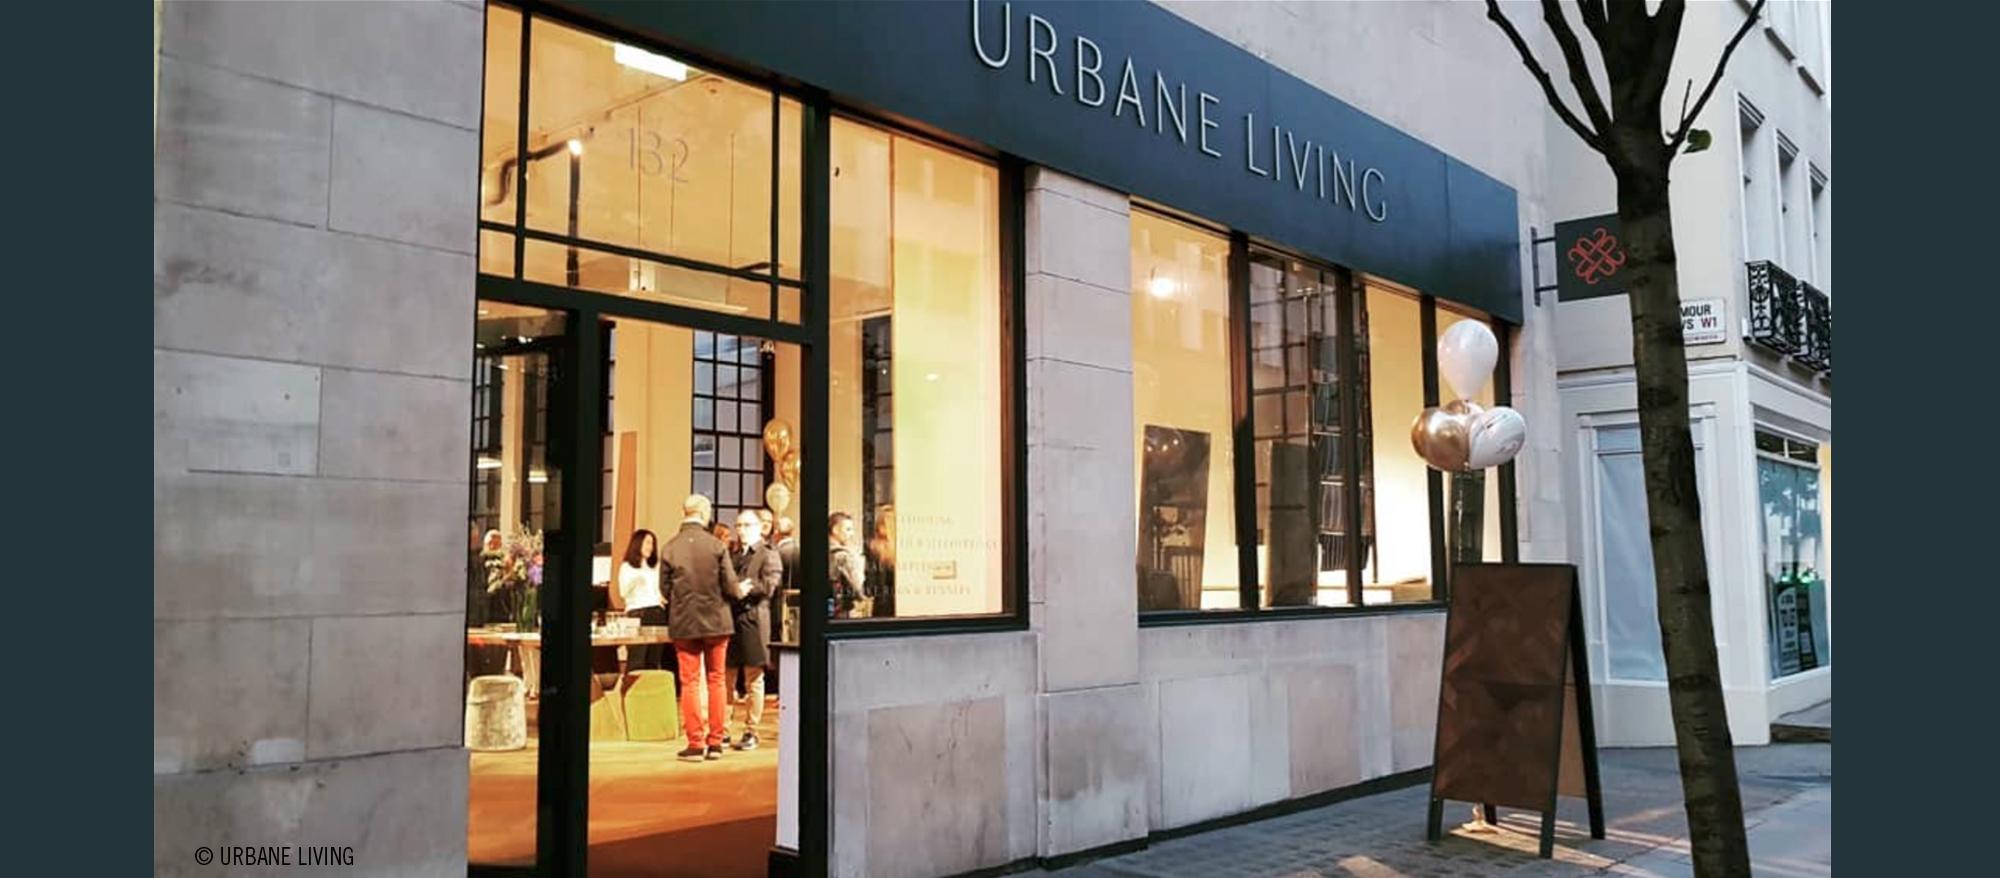 CP Parquet allo Urbane Living, Londra, Regno Unito